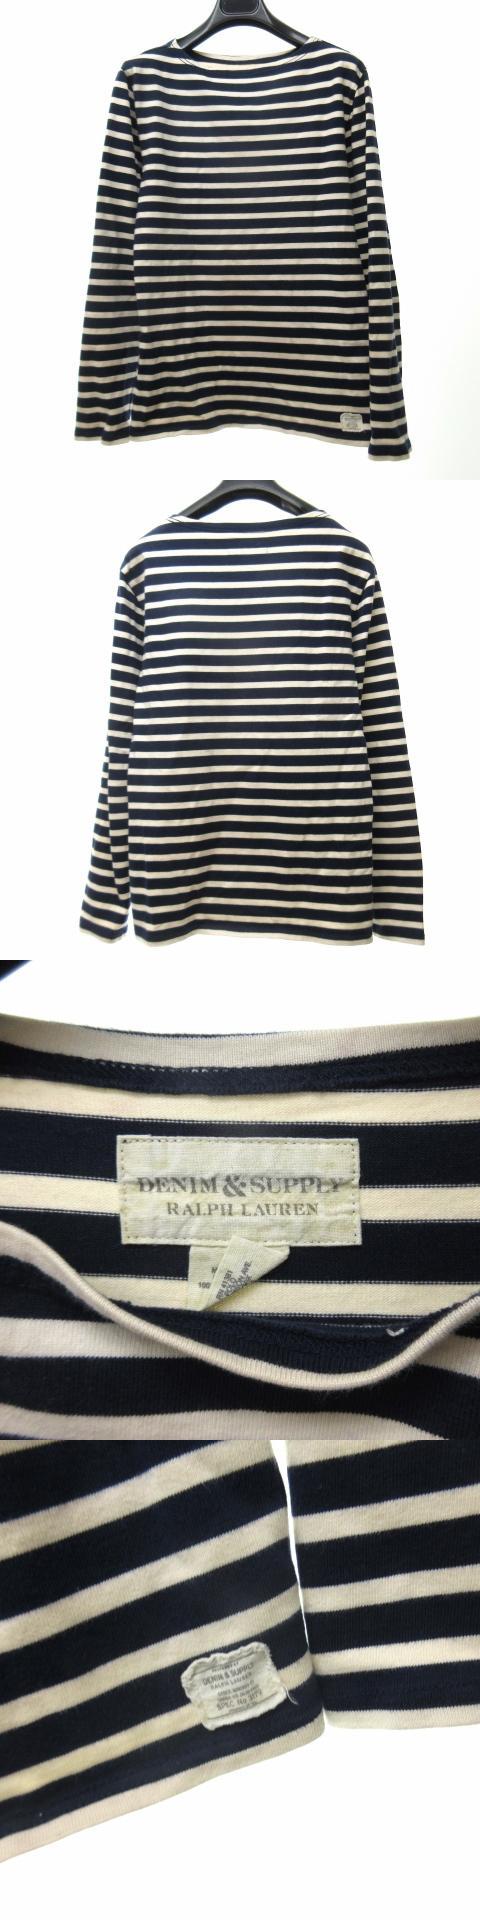 国内正規品 バスクシャツ Tシャツ カットソー ボートネック ボーダー 長袖 白 ホワイト 紺 ネイビー S/P 0823